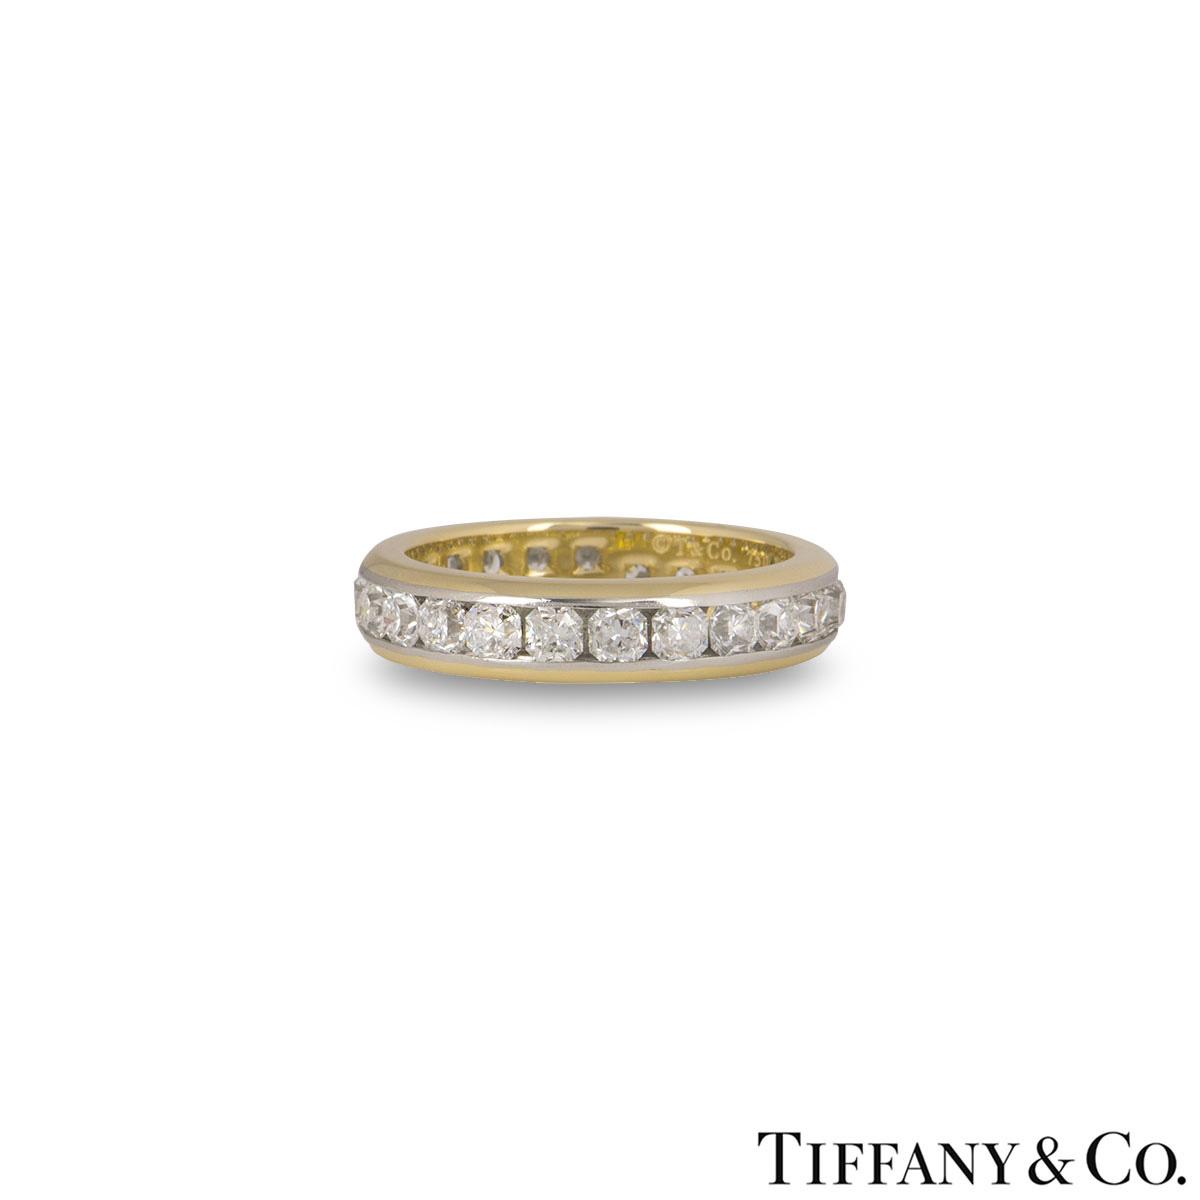 Tiffany & Co. Bi-Metal Lucida Full Diamond Eternity Ring